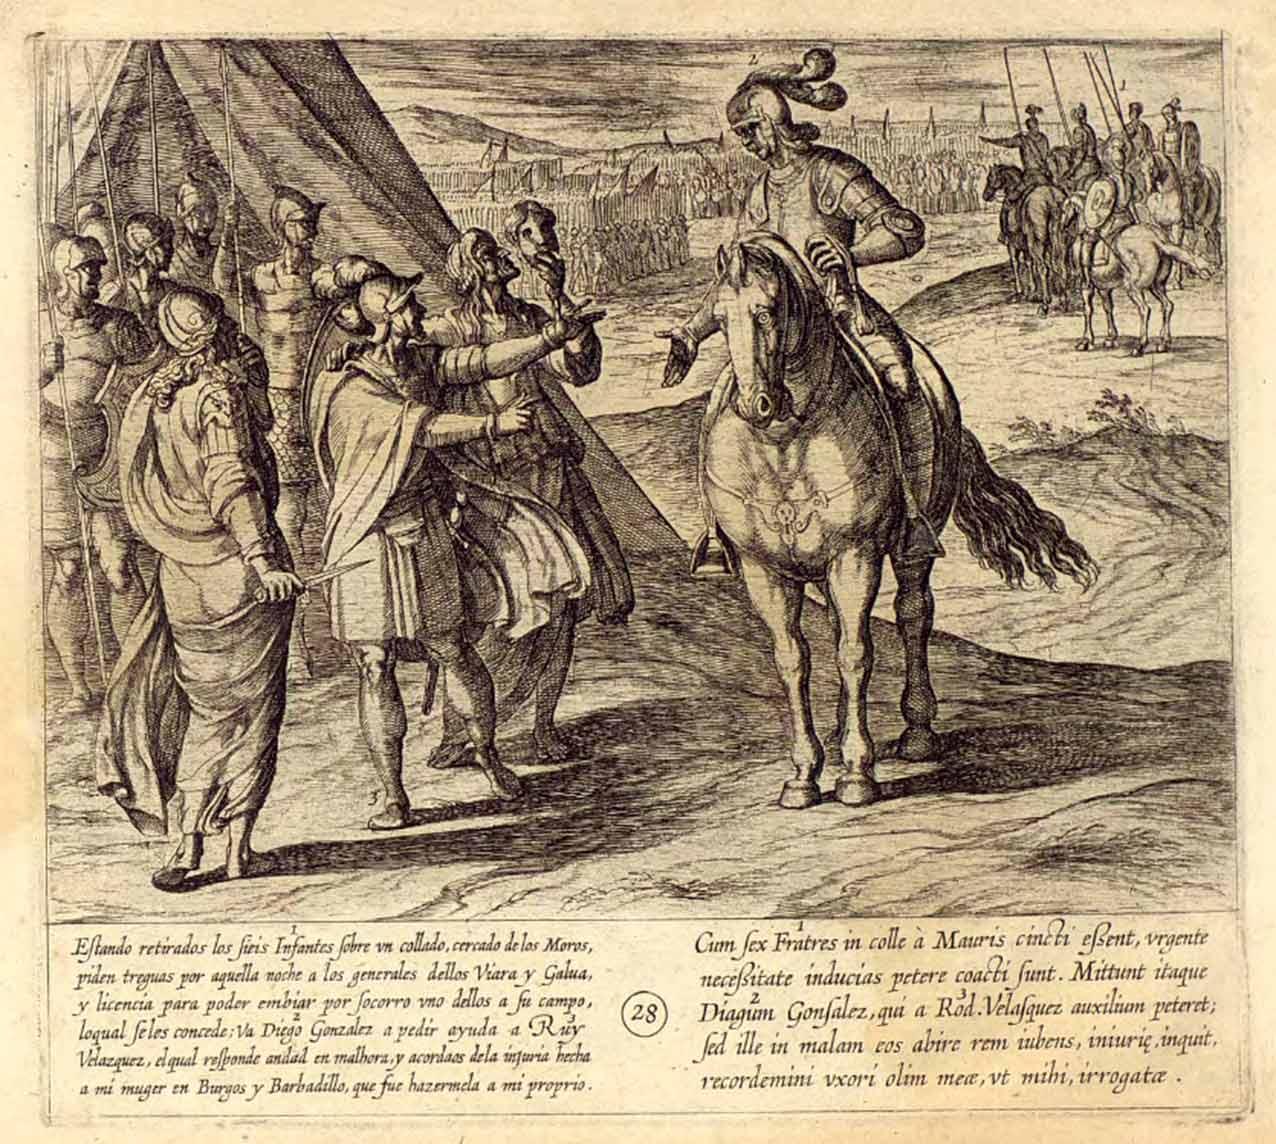 Entre-batallas-de-los-Siete-Infantes-de-Lara